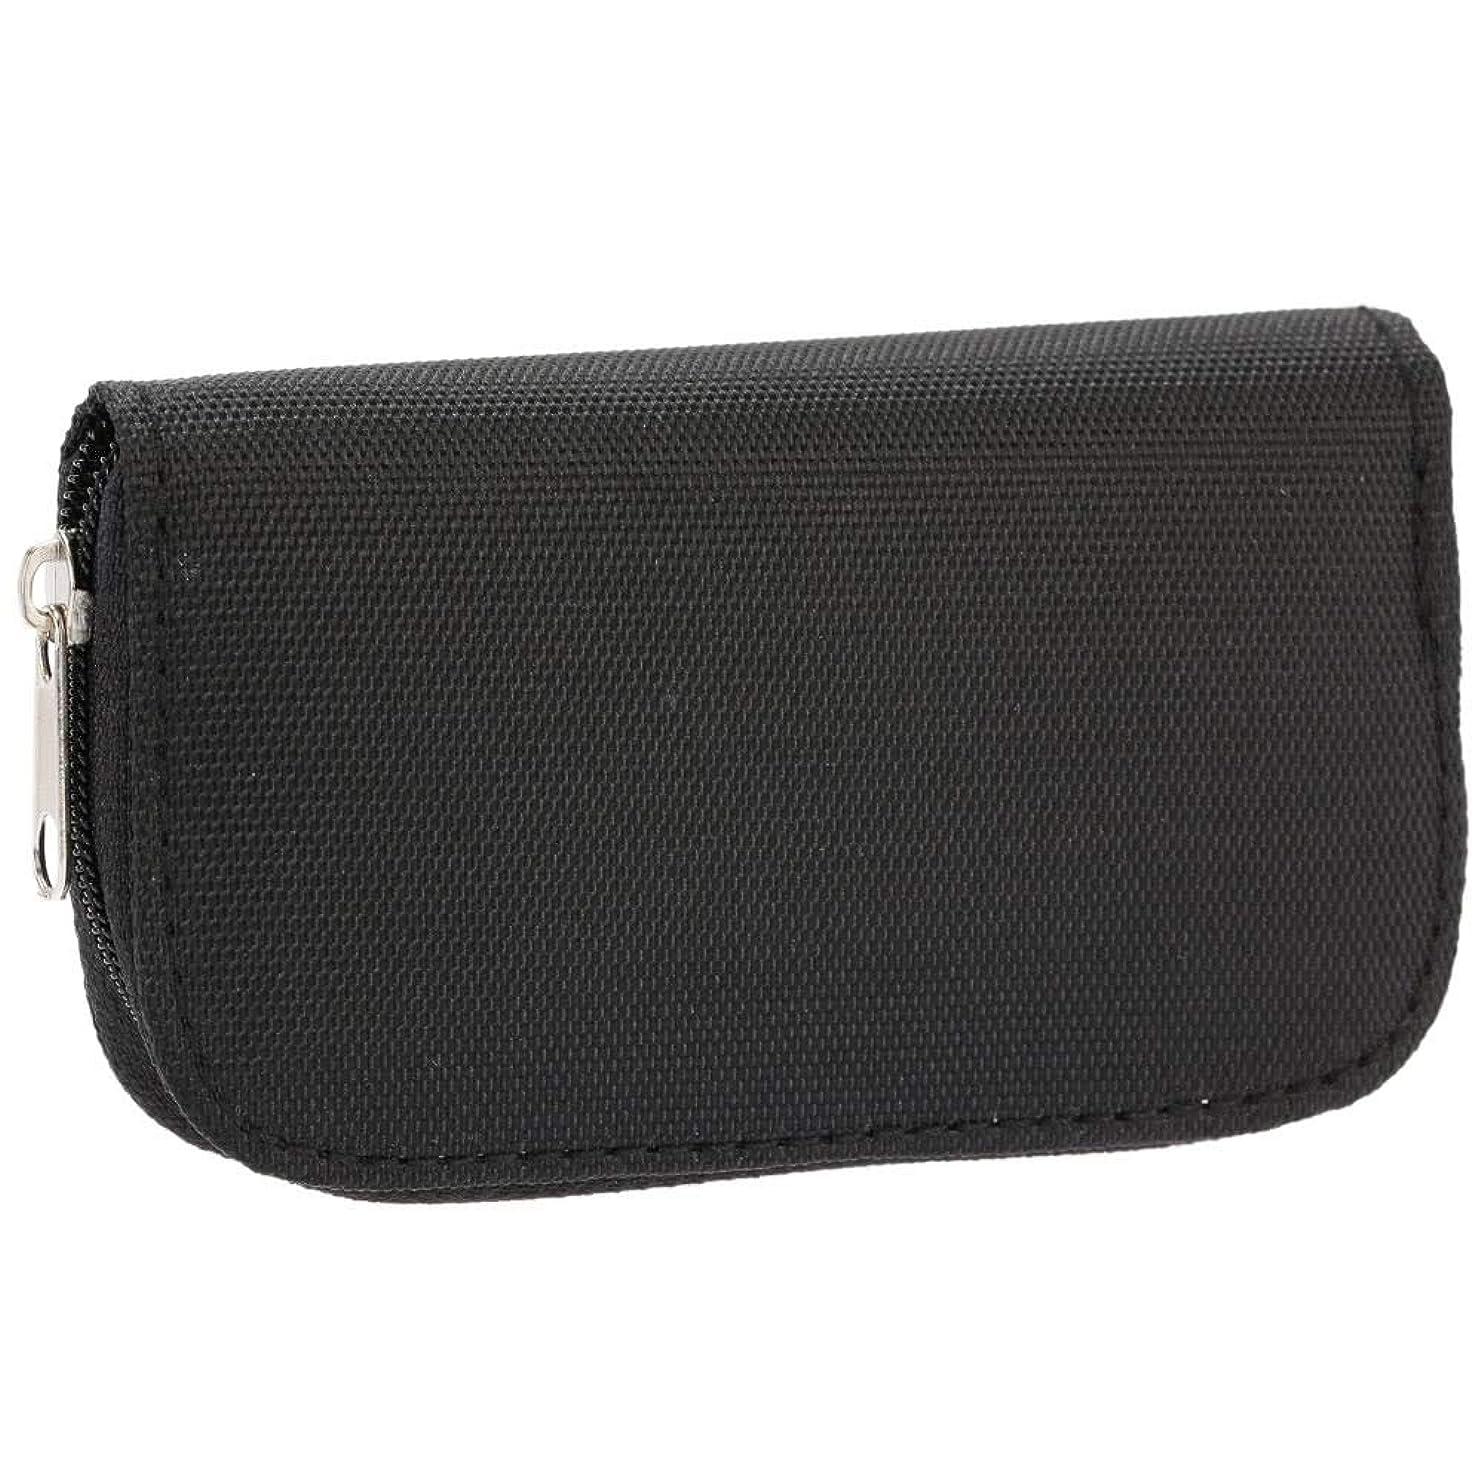 プーノ包帯床を掃除するSD/SDHC/CF/TF/MMCカード用ポーチバッグケースホルダーボックス財布を運ぶユニバーサルメモリカード収納